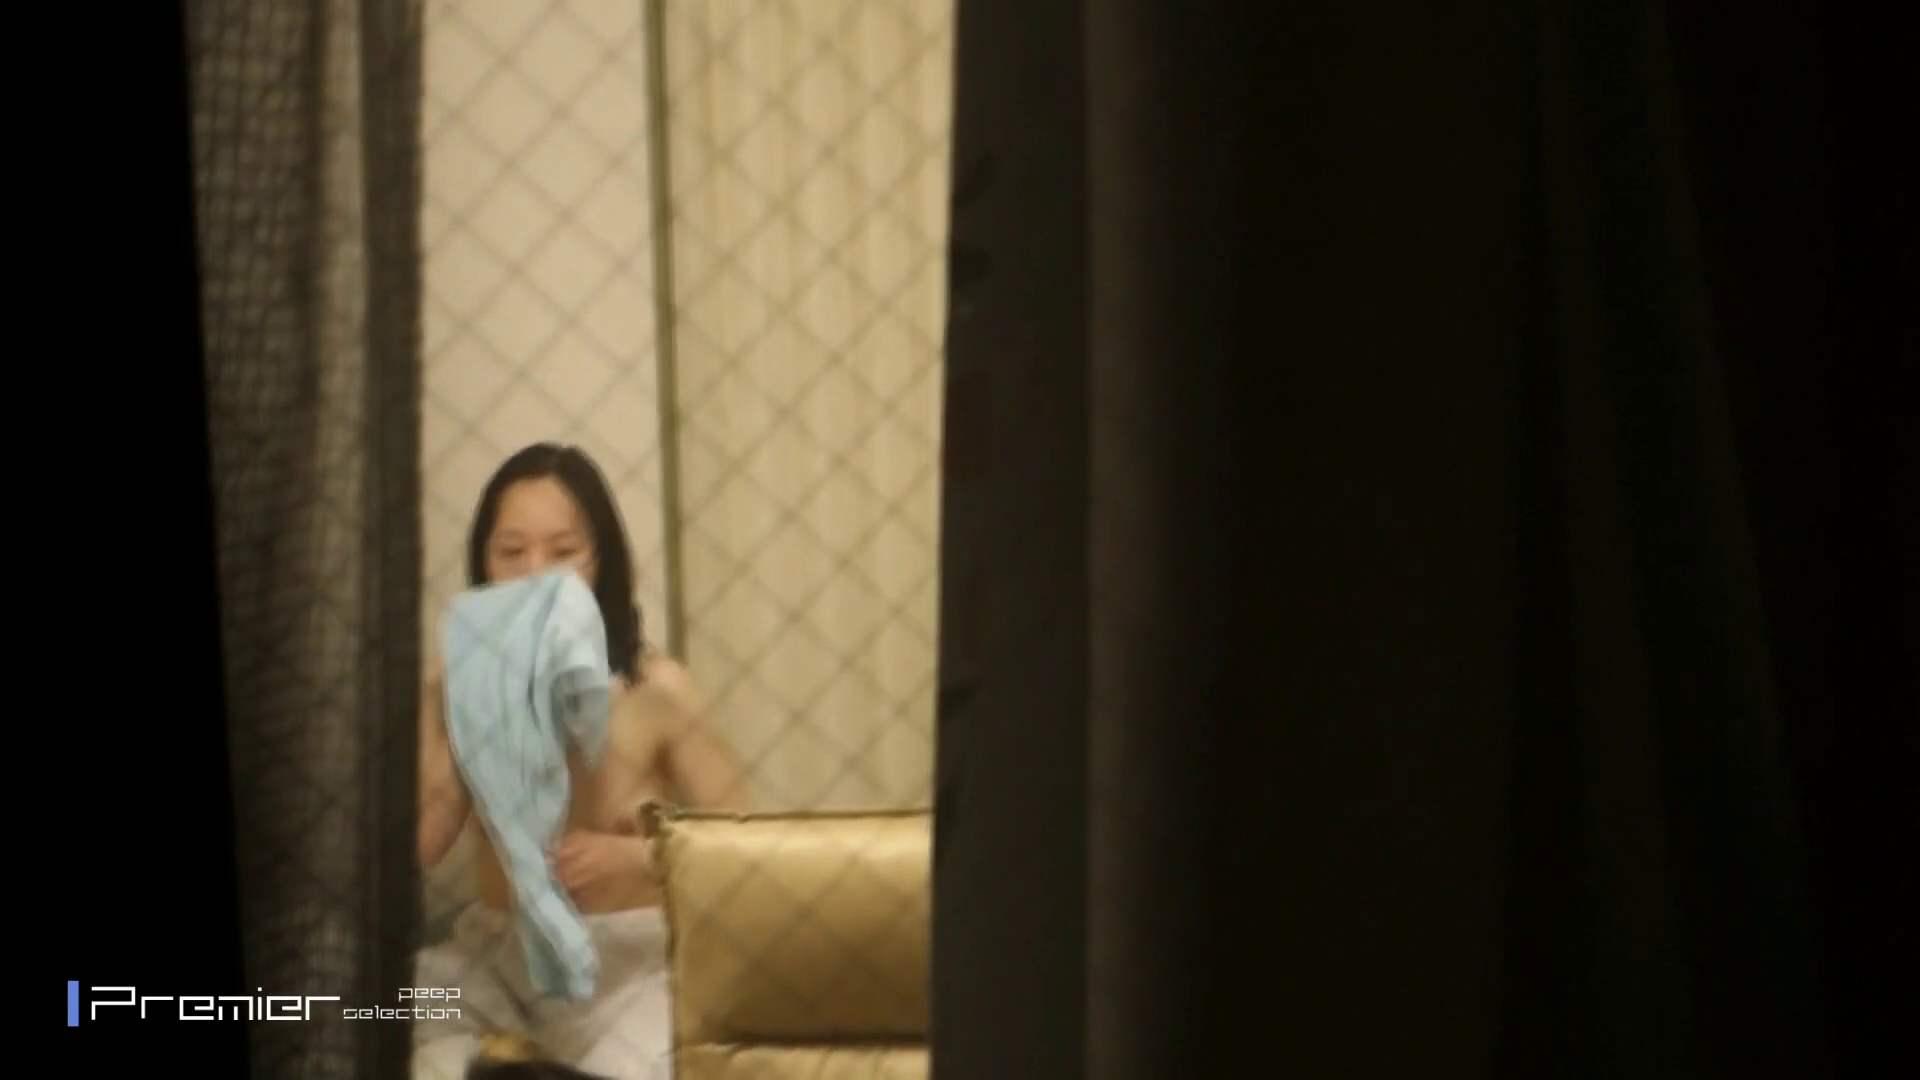 美しい女性のおっぱい隠し撮り 美女達の私生活に潜入! 高画質  86pic 12